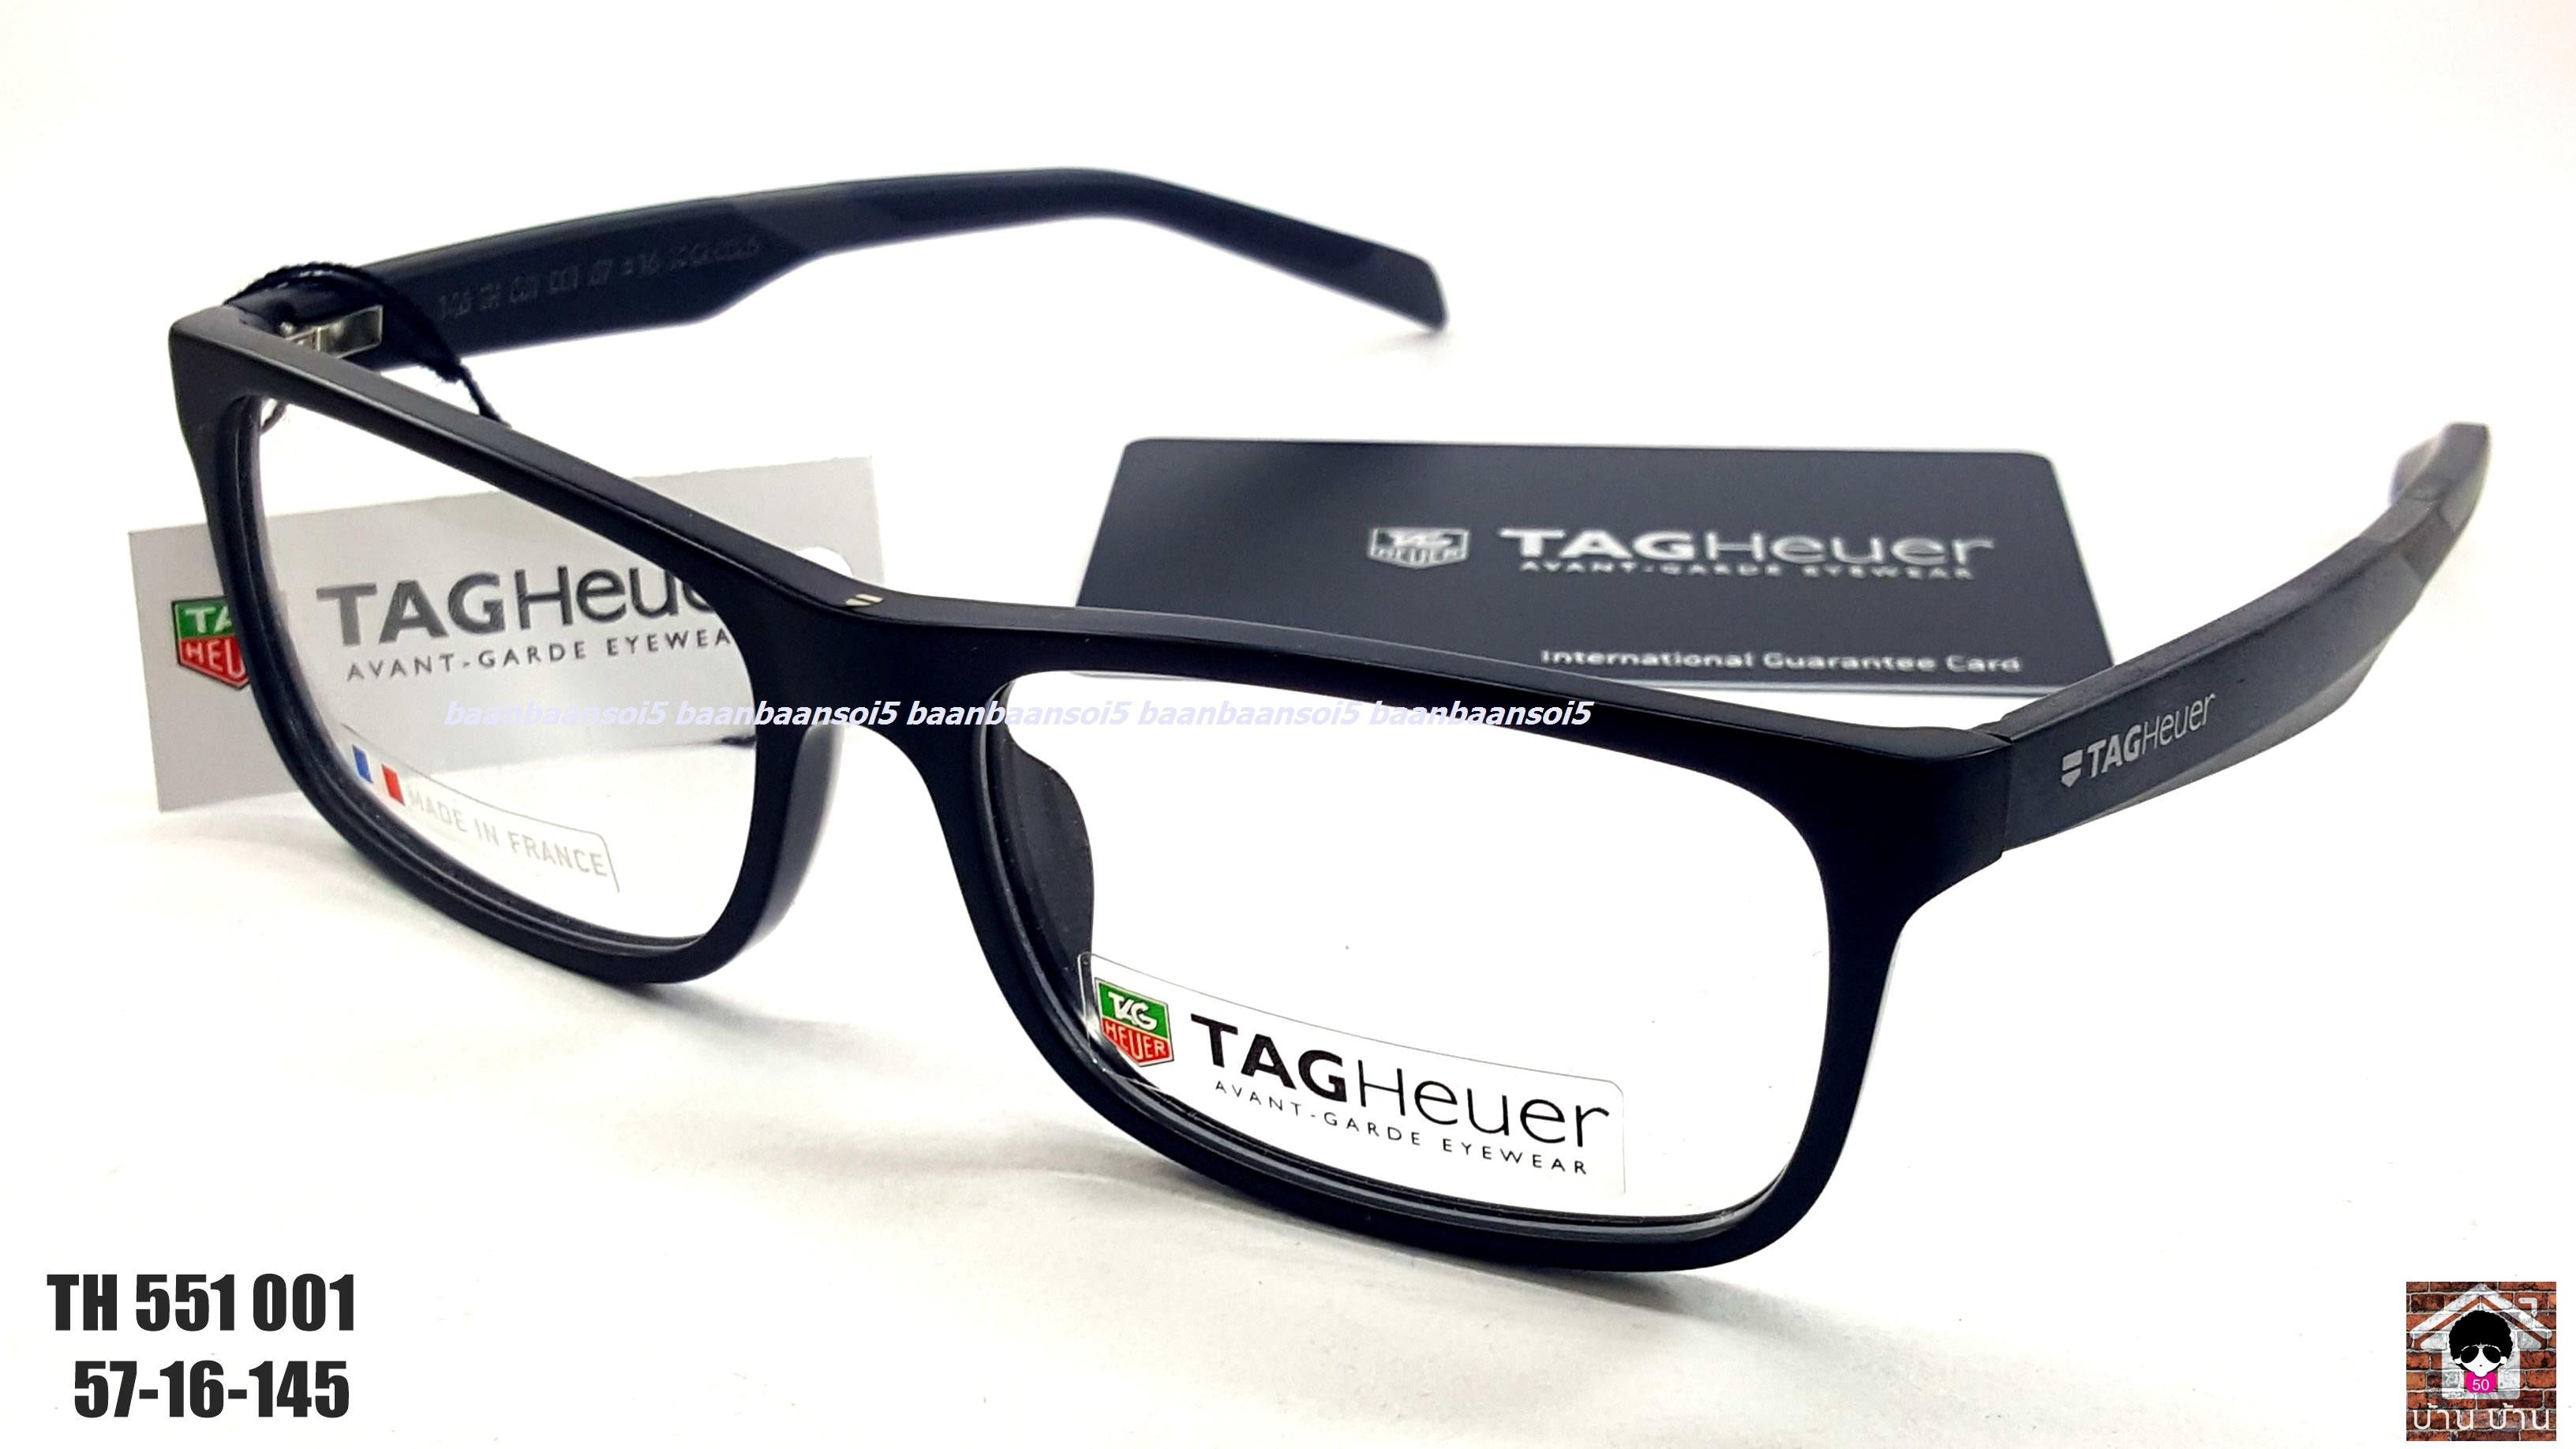 TAG HEUER TH 551 001 Eyeglasses Authentic โปรโมชั่น กรอบแว่นตาพร้อมเลนส์ HOYA ราคา 6,200 บาท